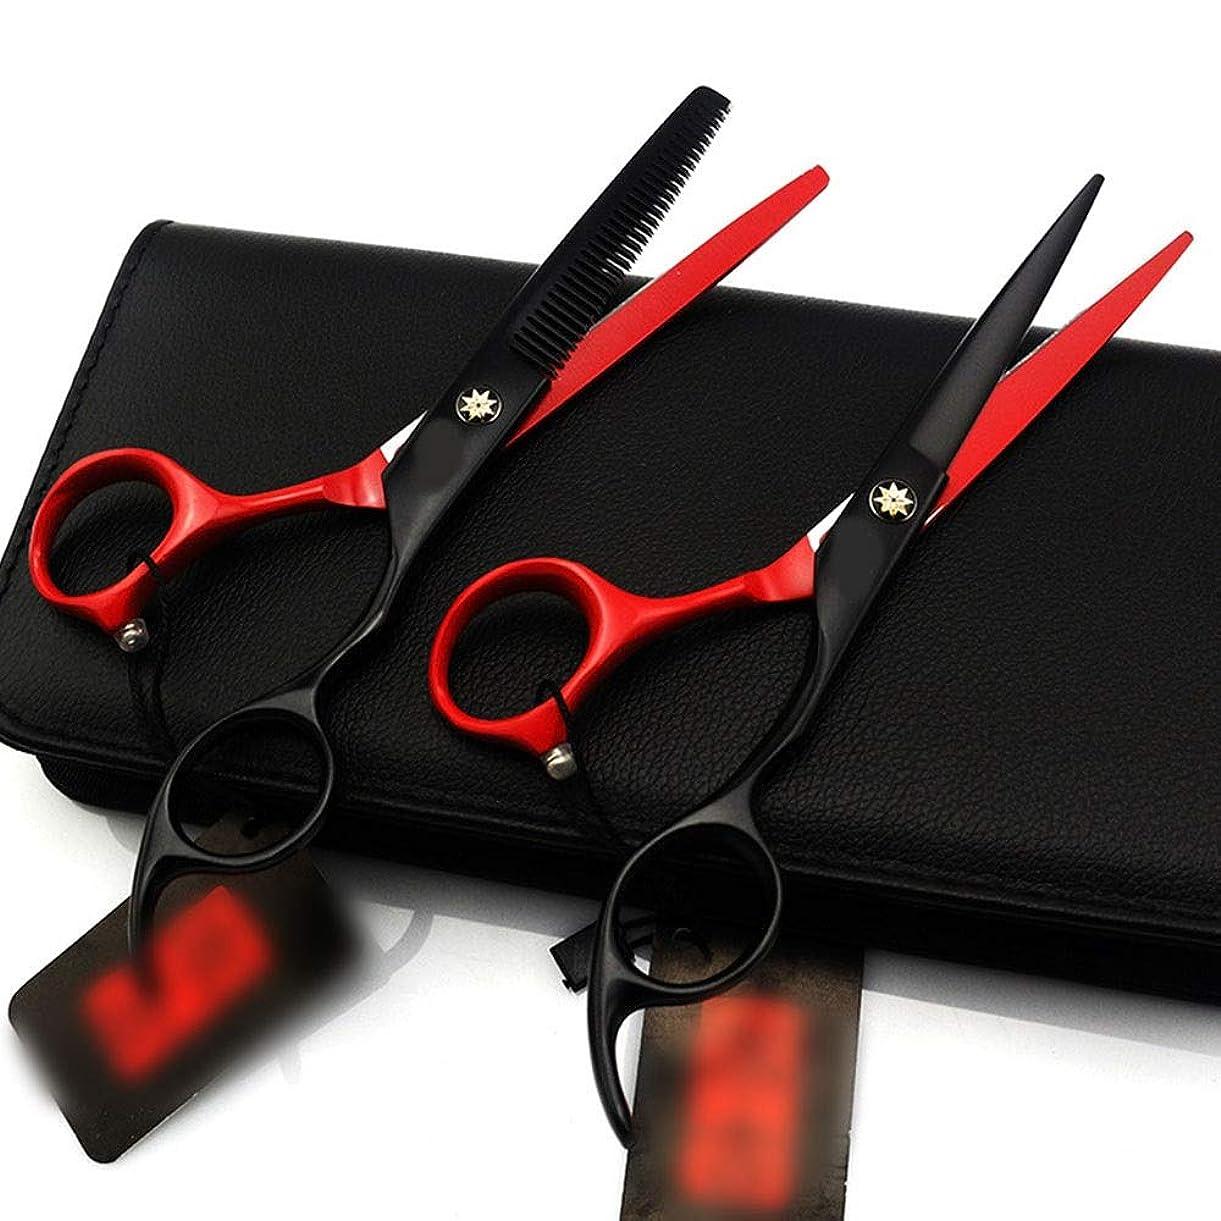 控える伝導機構黒赤人格理髪はさみ、6インチプロフェッショナル理髪セットフラット+歯はさみセット モデリングツール (色 : Black red)